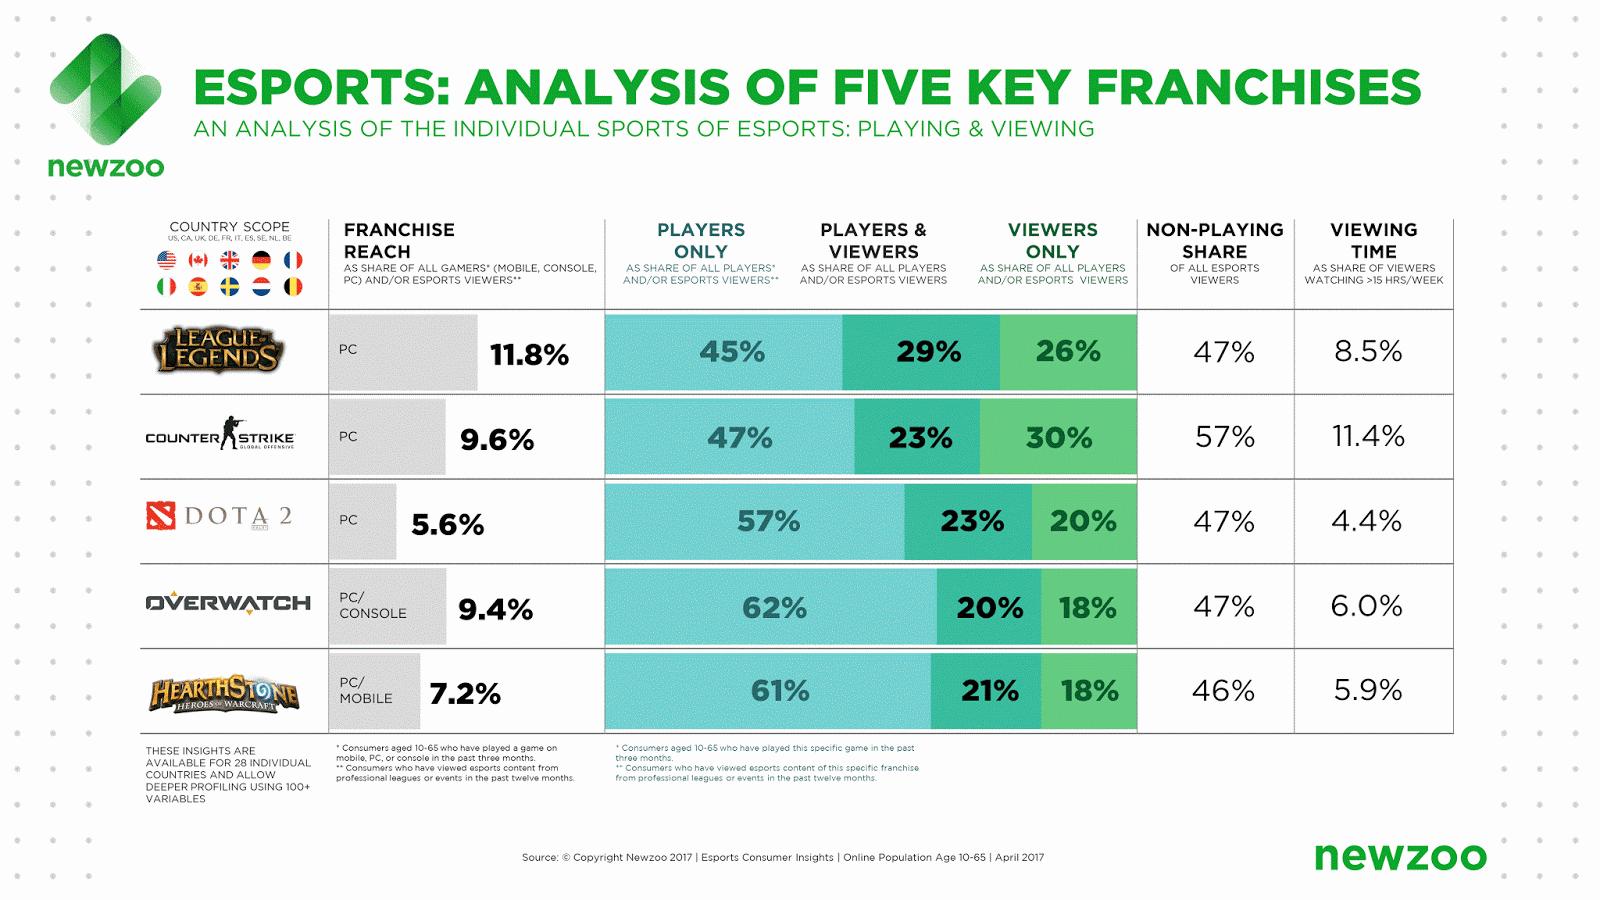 El 42 % de la gente que ve eSports no juega a ese videojuego